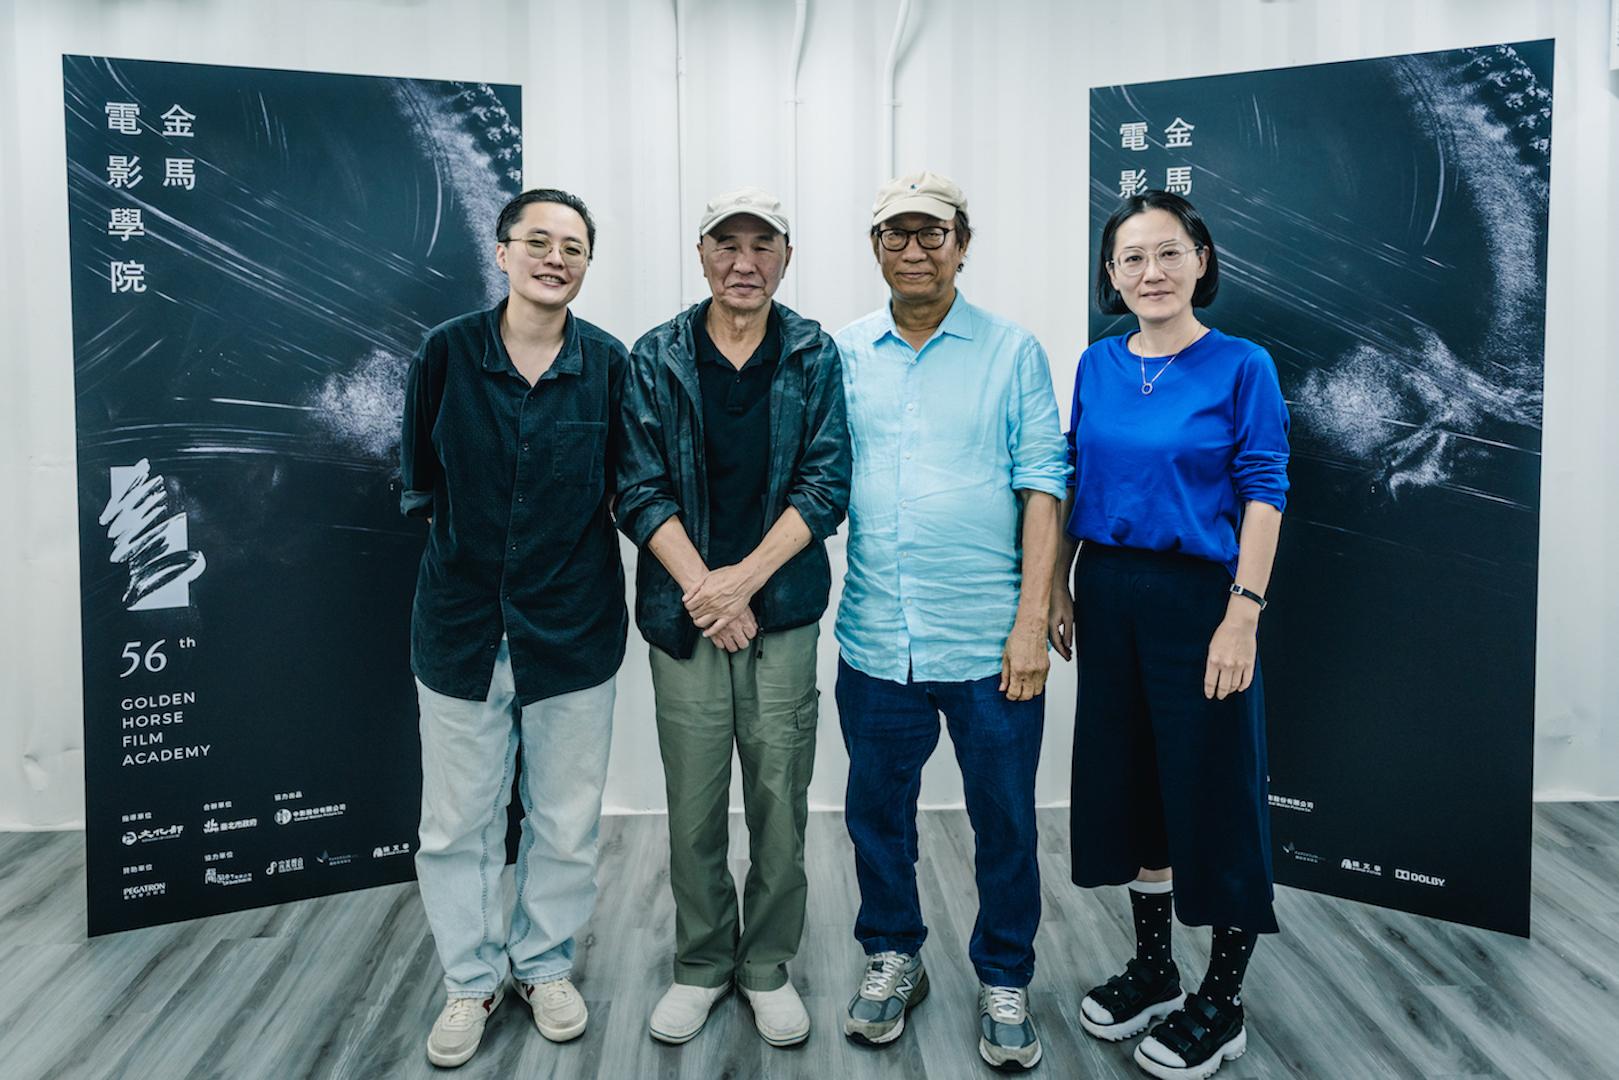 第十一屆熱鬧開學 李芸嬋、陳映蓉當導師